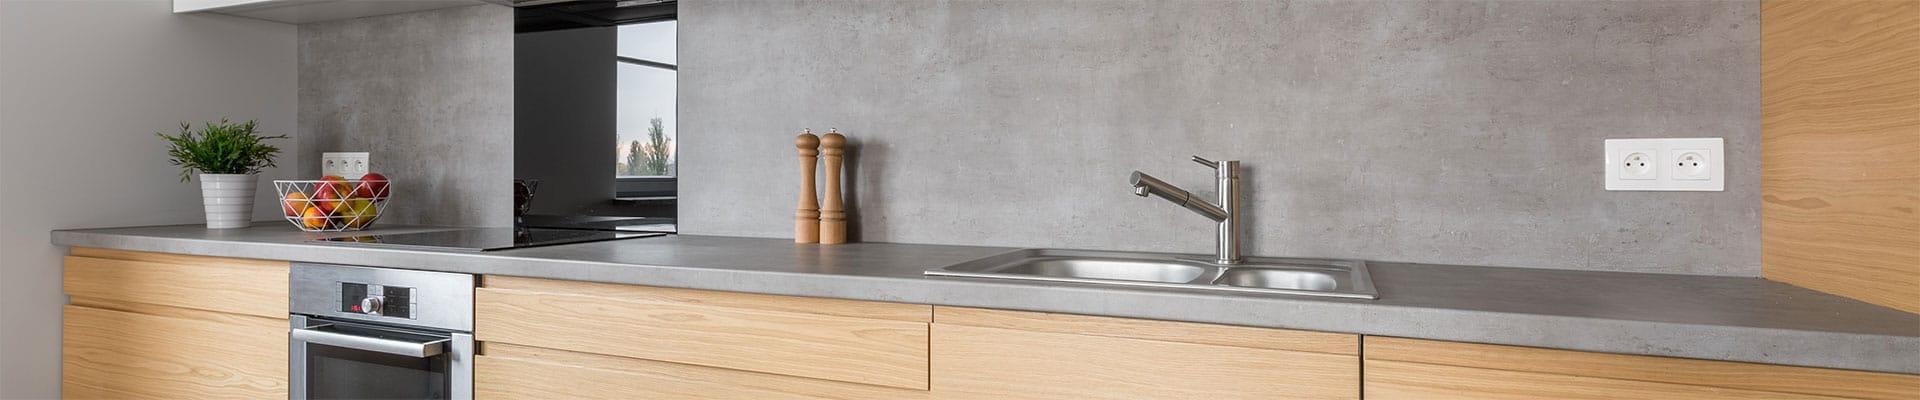 Renover le plan de travail de votre cuisine avec du mortex bio construct - Renover plan de travail cuisine ...